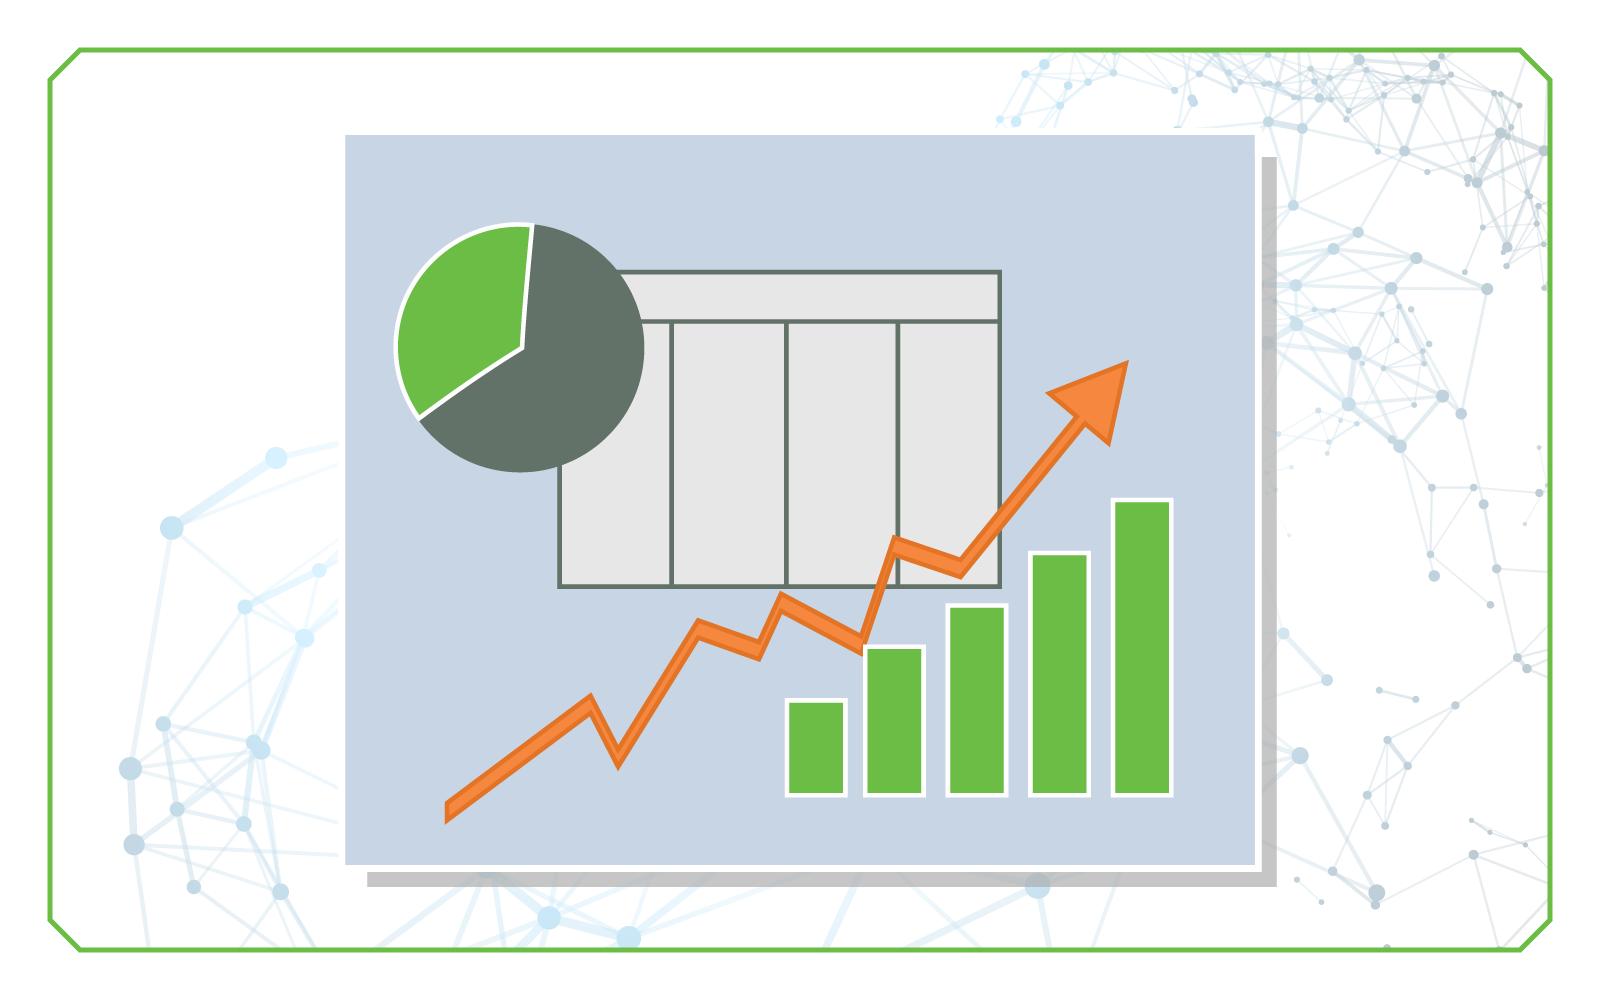 Datu analīze un pārskatu sagatavošana